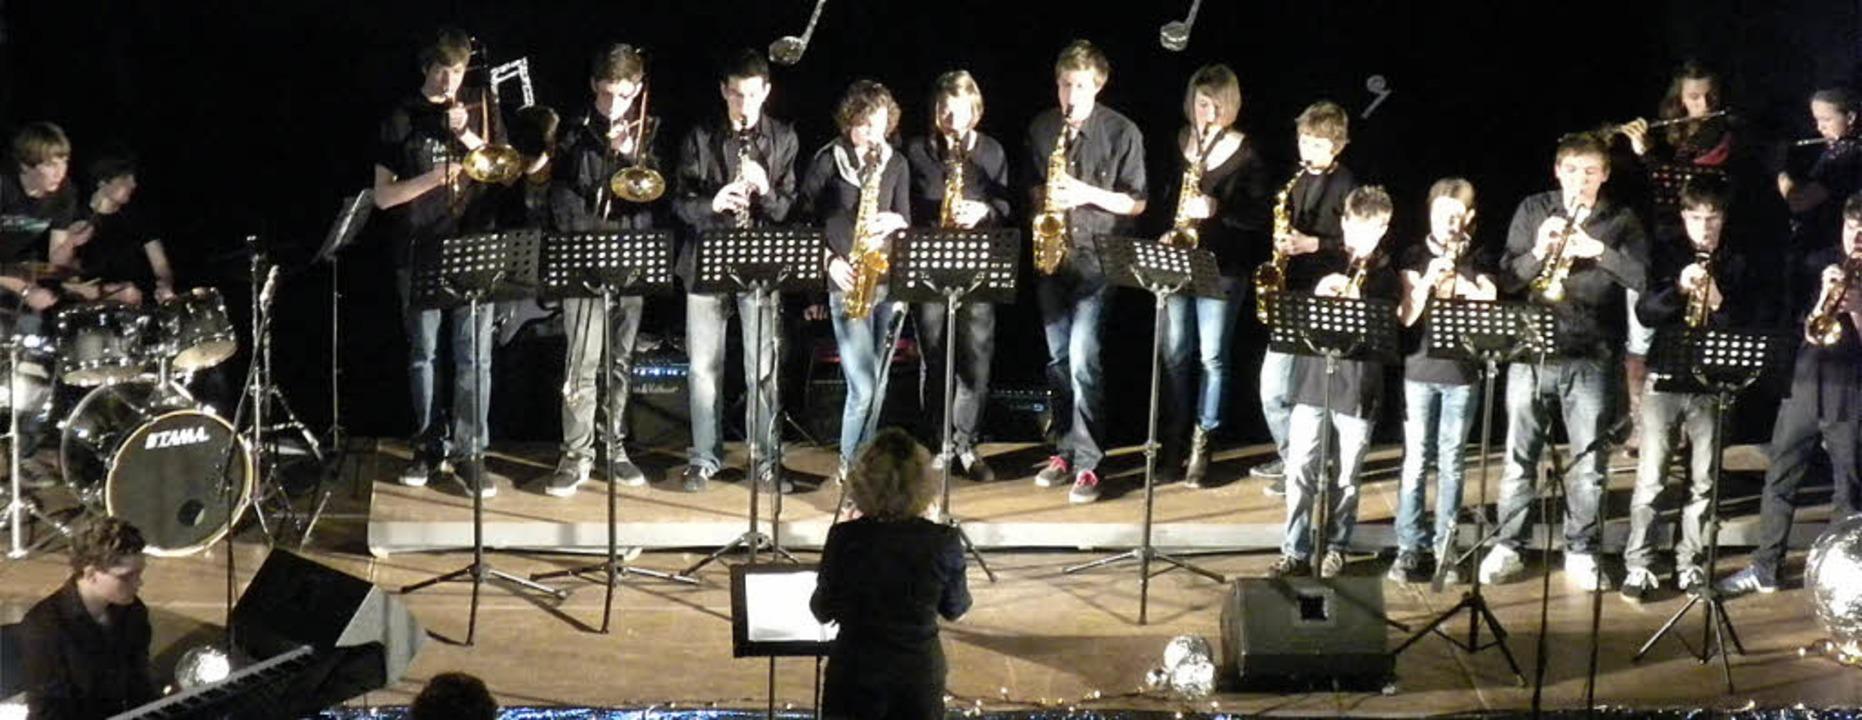 Musik macht einfach Spaß: Die Big Band...rie-Gymnasiums mit sattem Bläsersound.  | Foto: Brugger